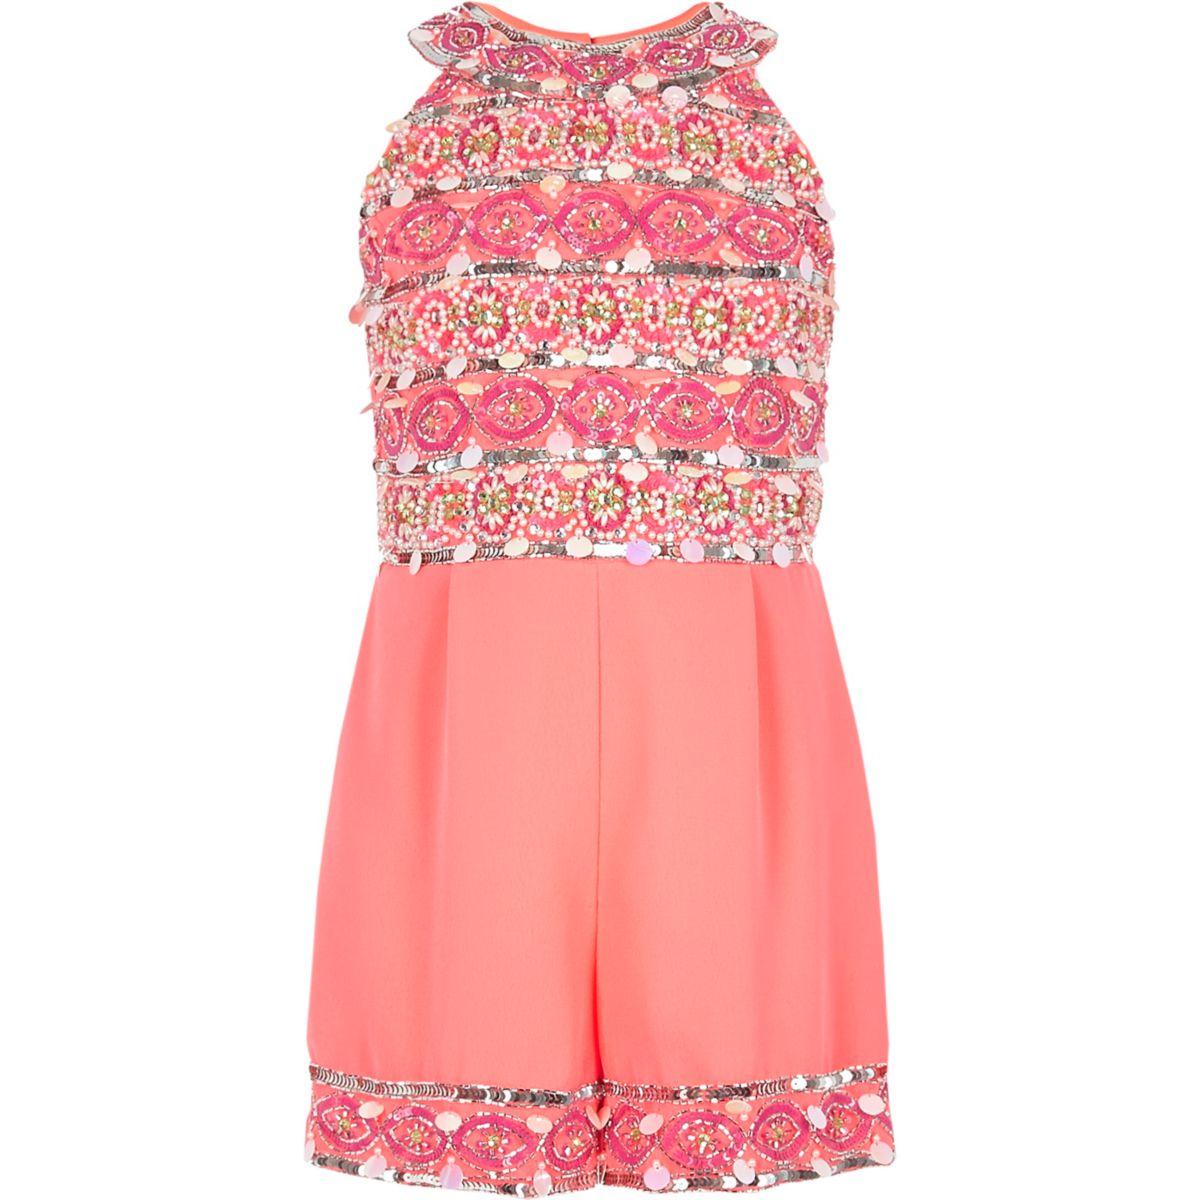 Girls pink embellished high neck romper